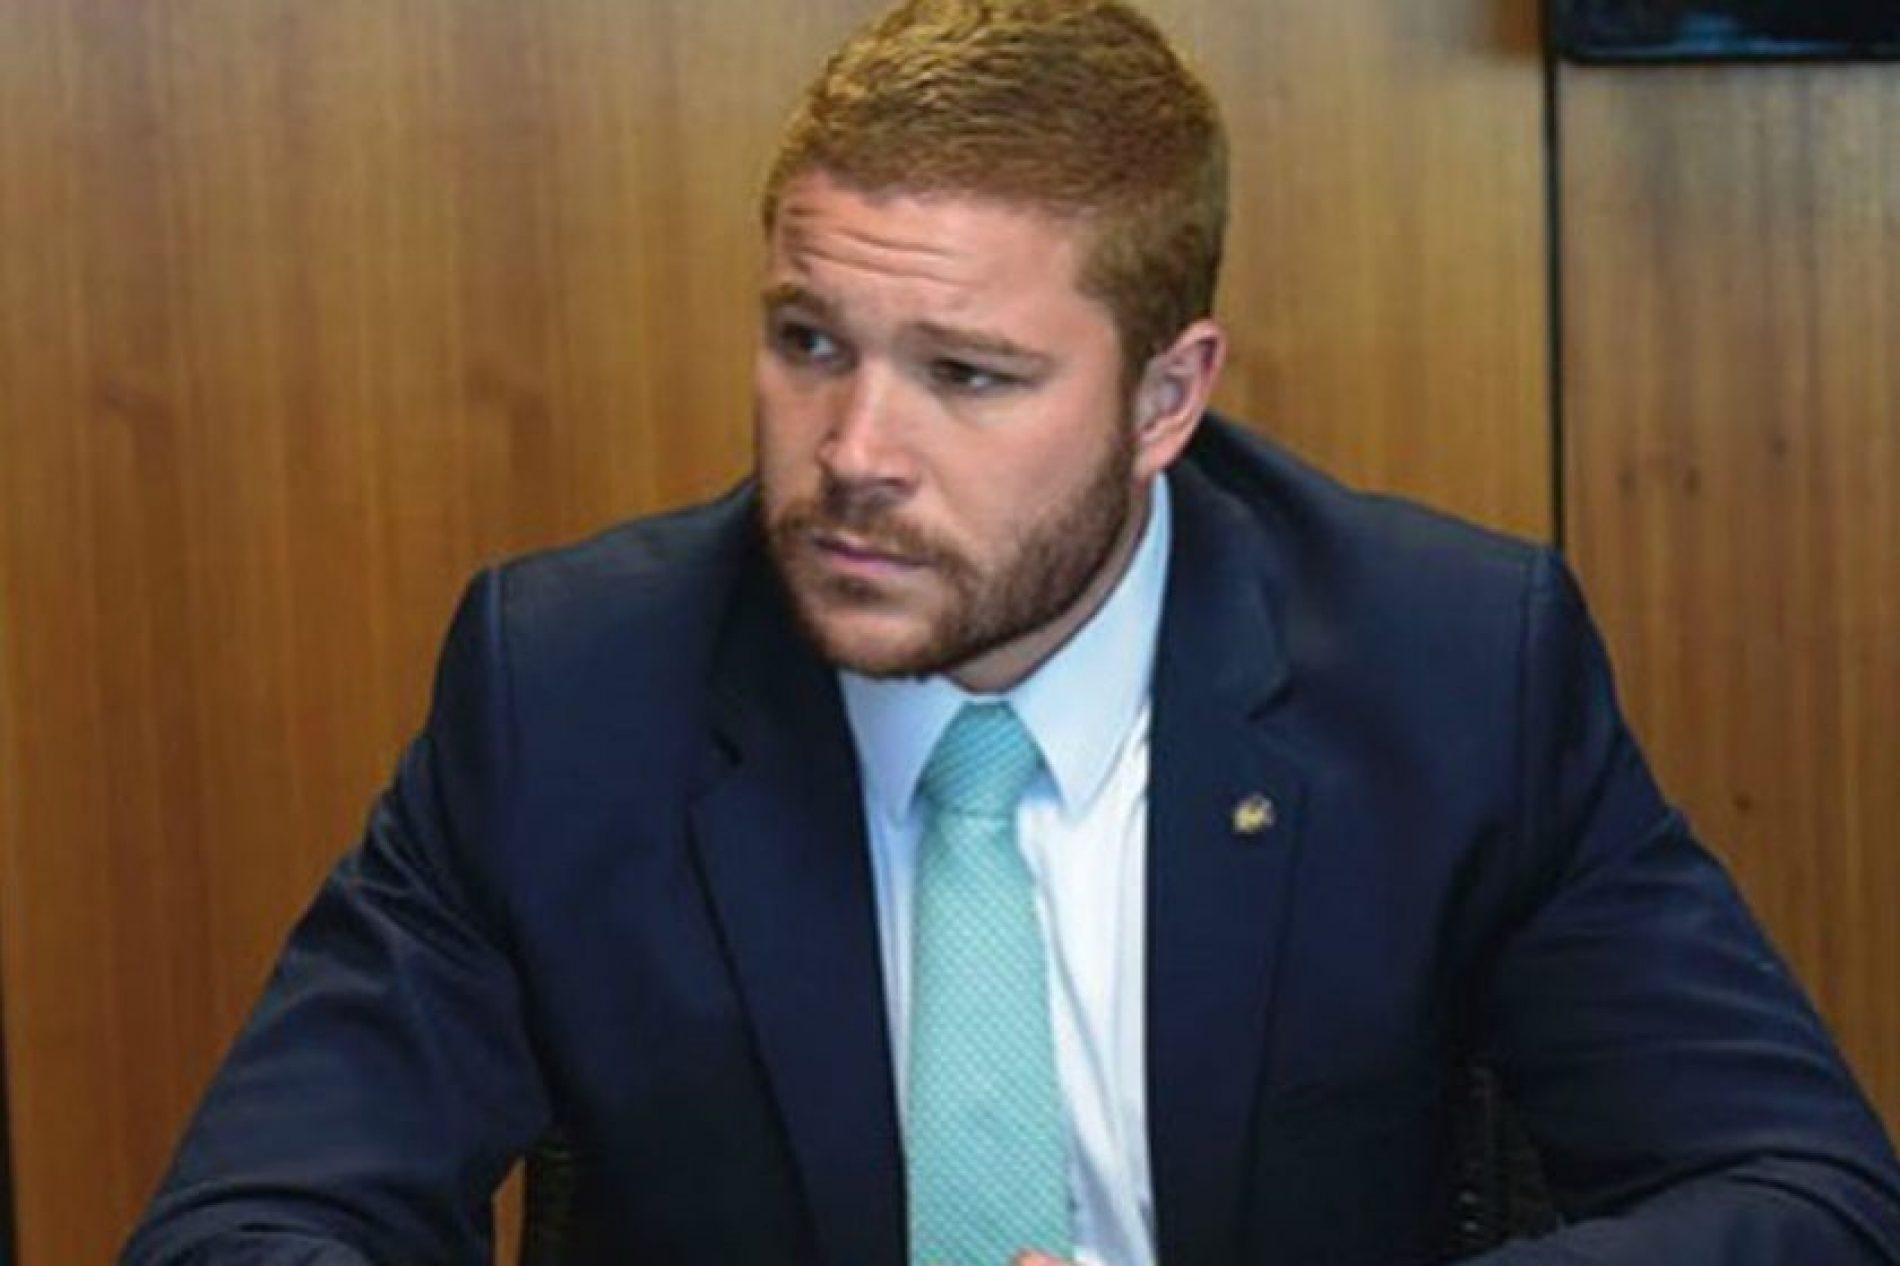 Chefe de gabinete do Ministério do Trabalho pede exoneração